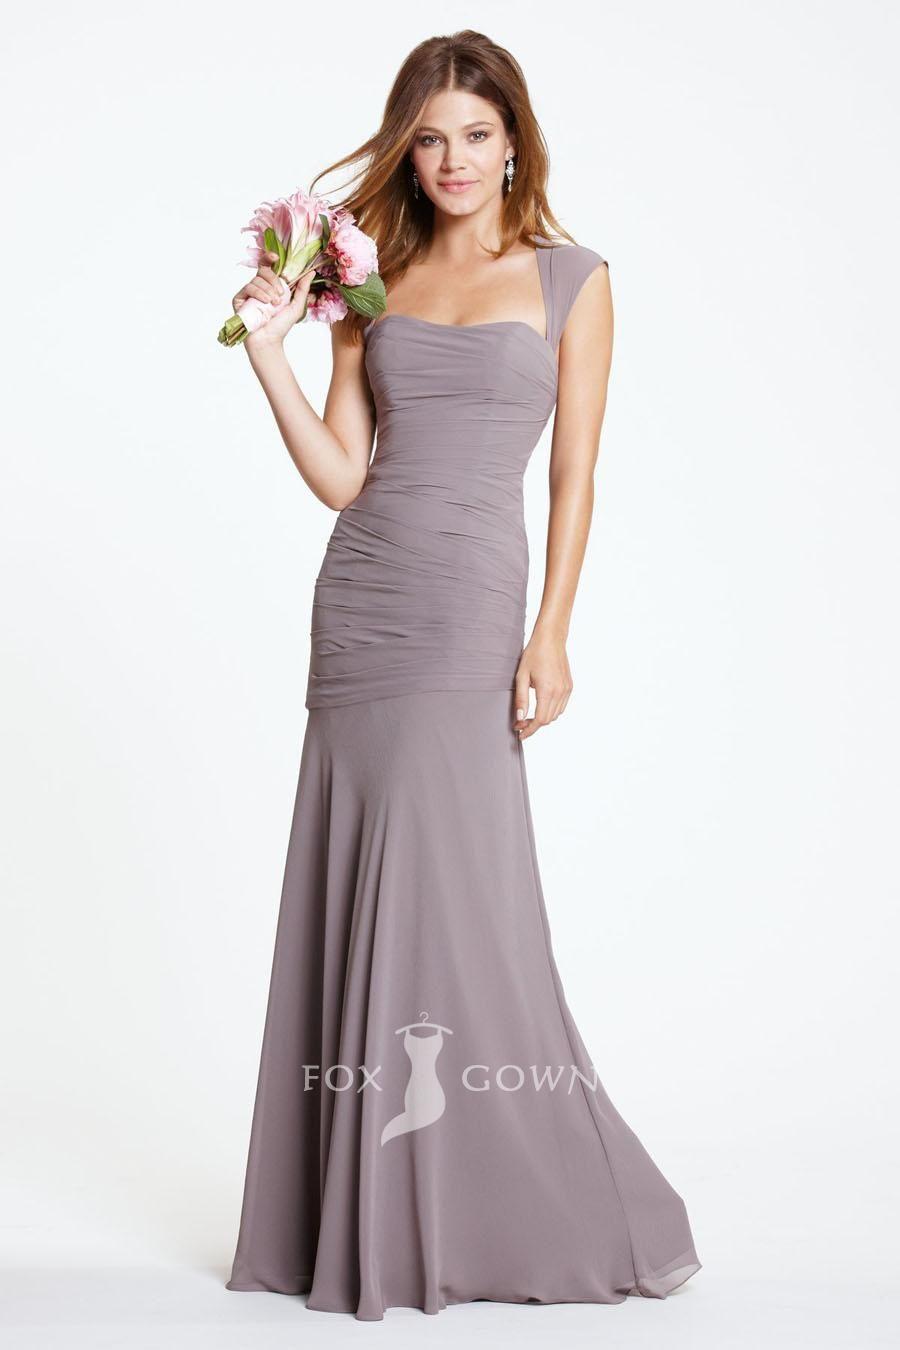 13 Wunderbar Graue Kleider Für Hochzeit Ärmel - Abendkleid